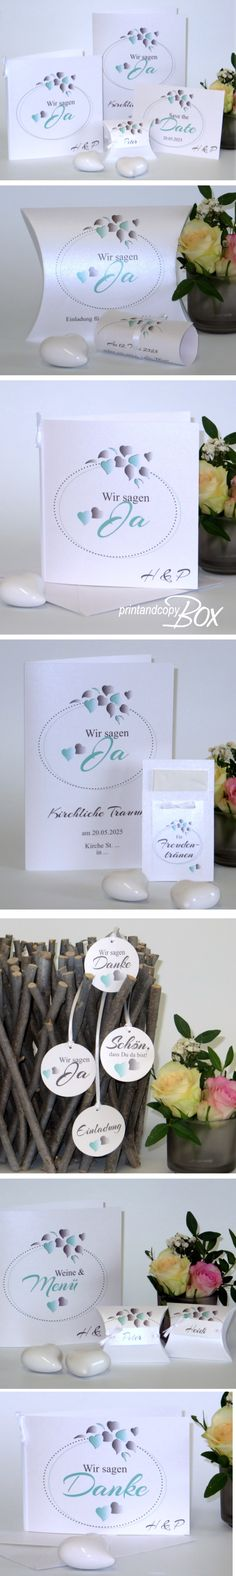 Mint ist Trend! Hochzeitskarten und Deko im modernen Look. #mint #hochzeitskarten #trend